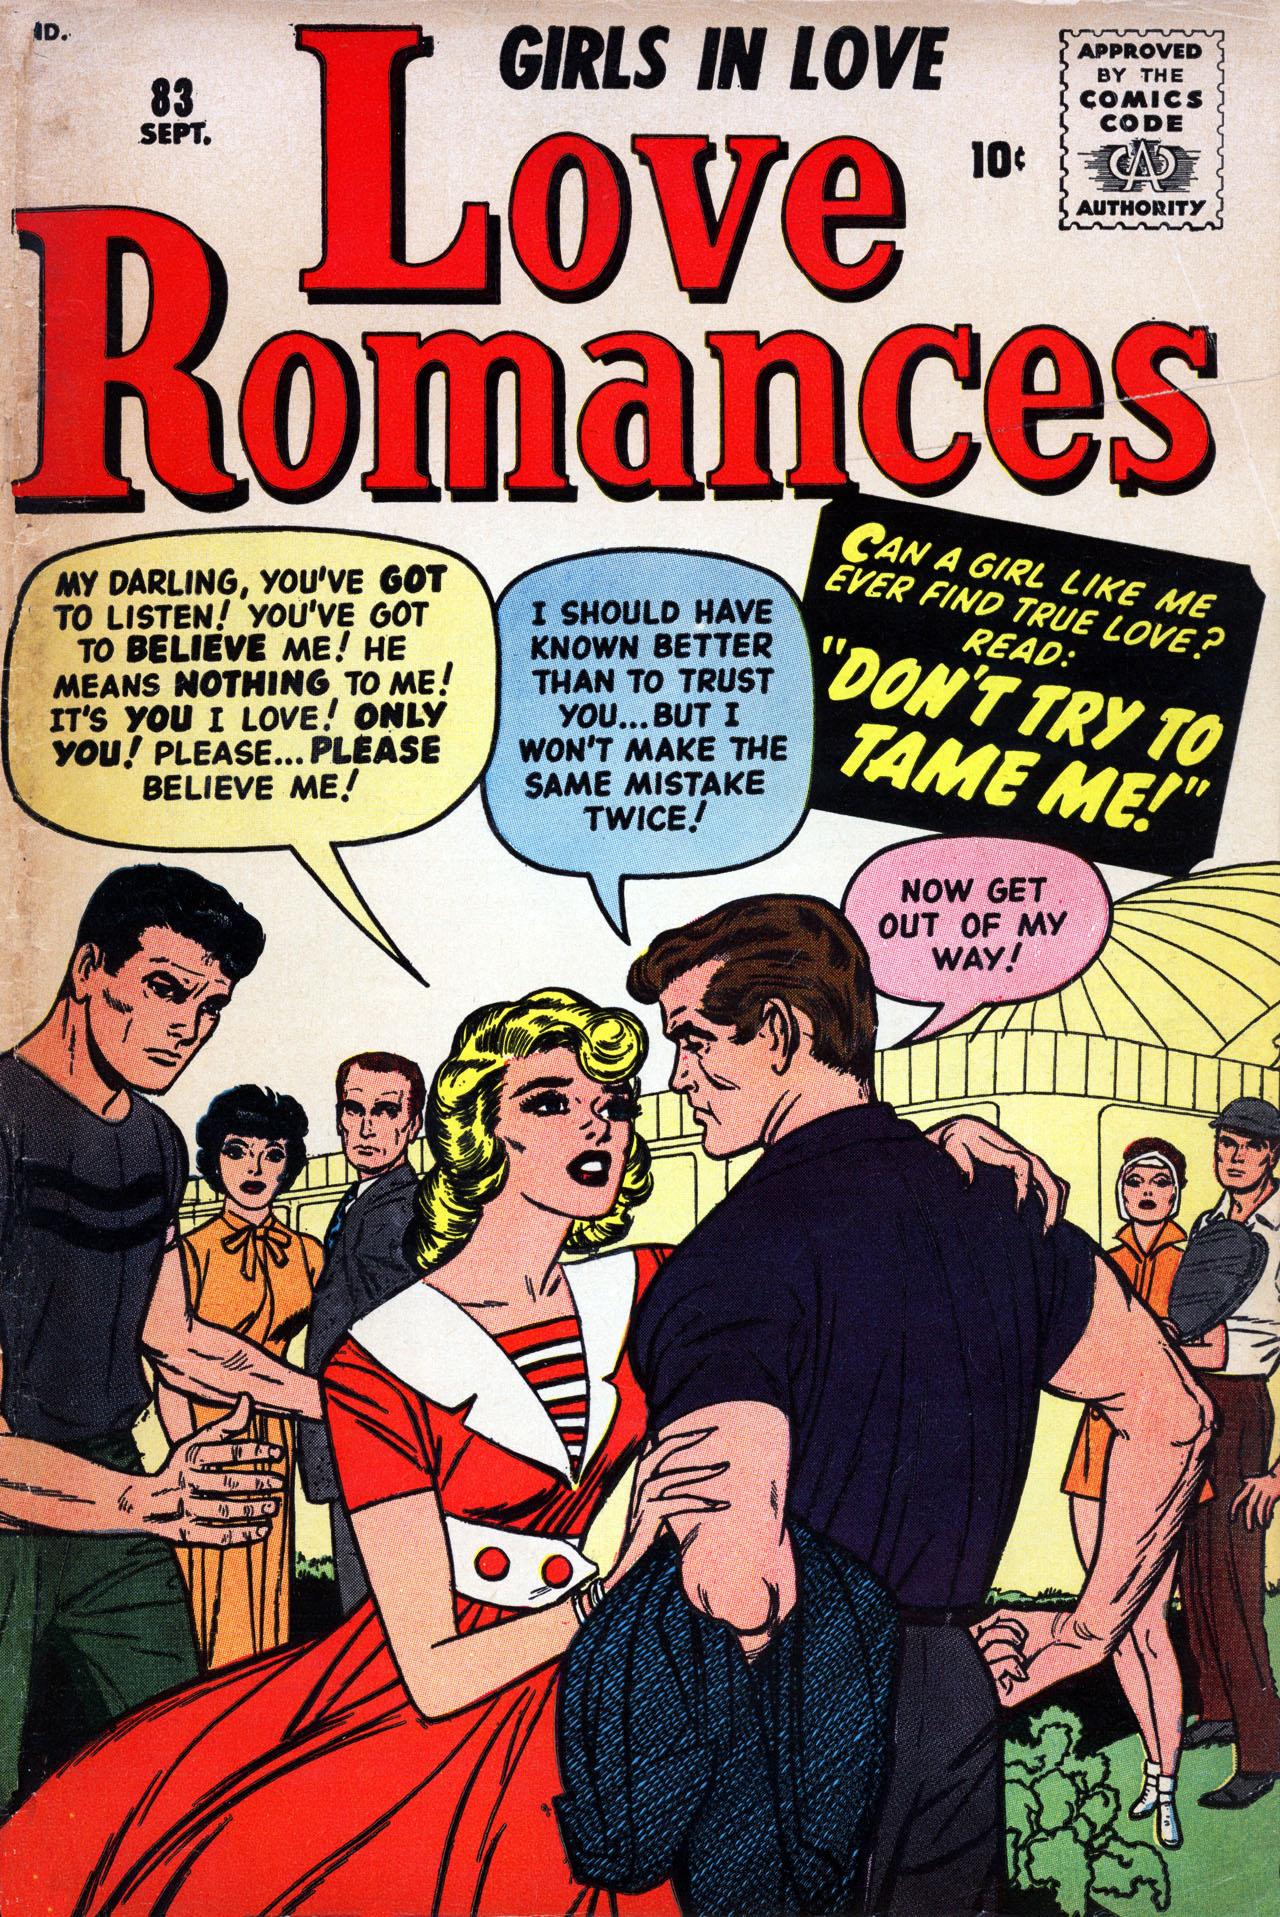 Love Romances 83 Page 1